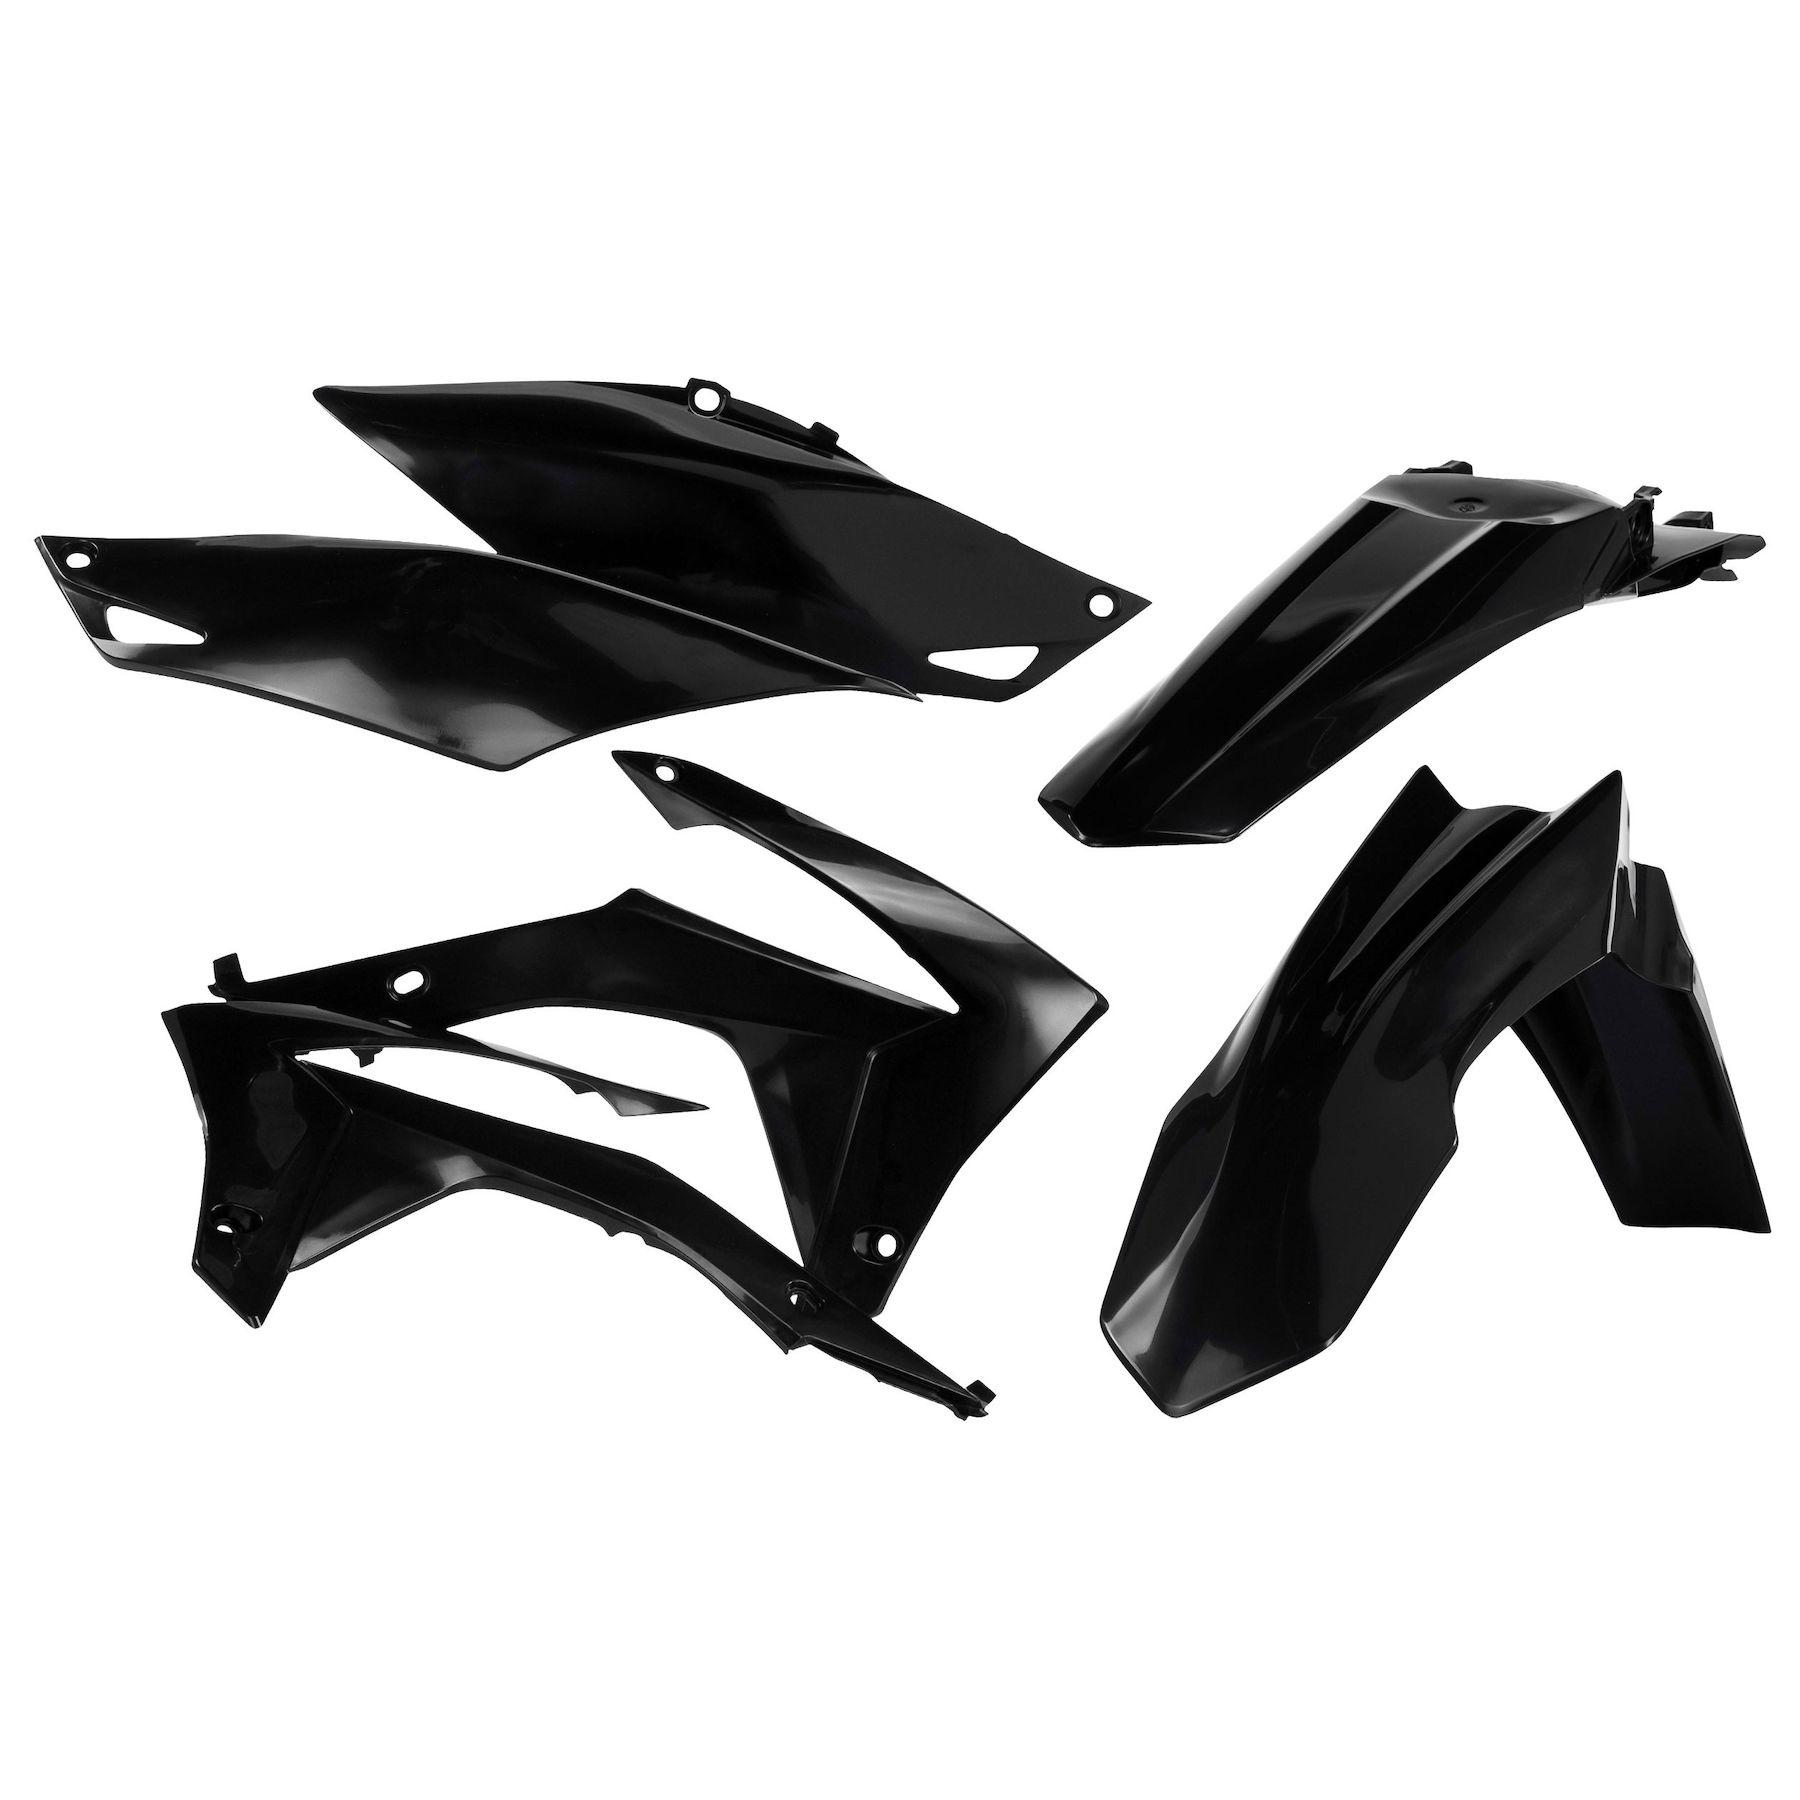 Acerbis Front Fender Black Honda CRF450R 2013-2016 Fits